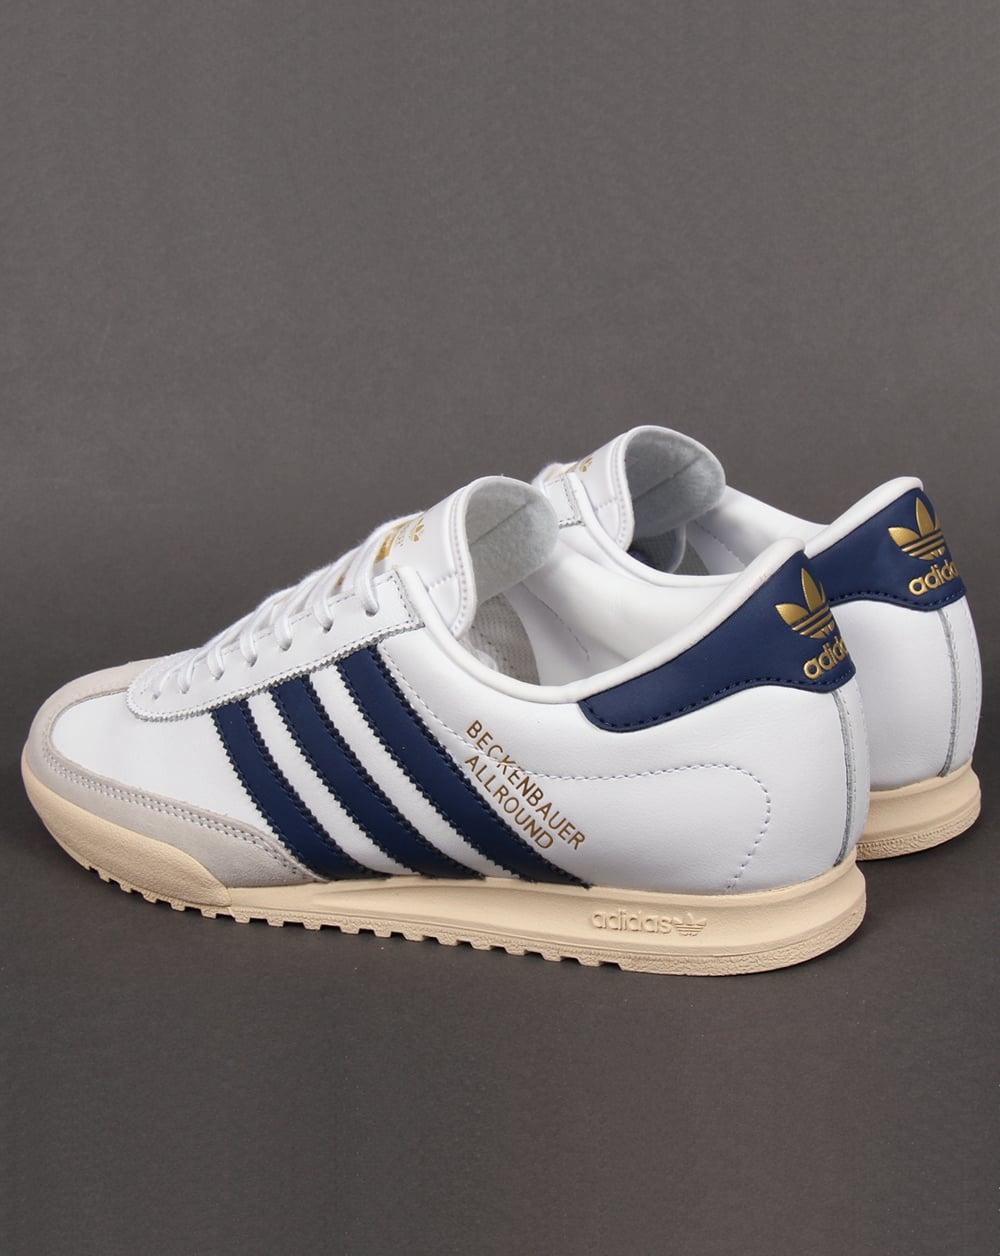 adidas beckenbauer allround adidas beckenbauer trainers white/navy/gold YSNMUNT